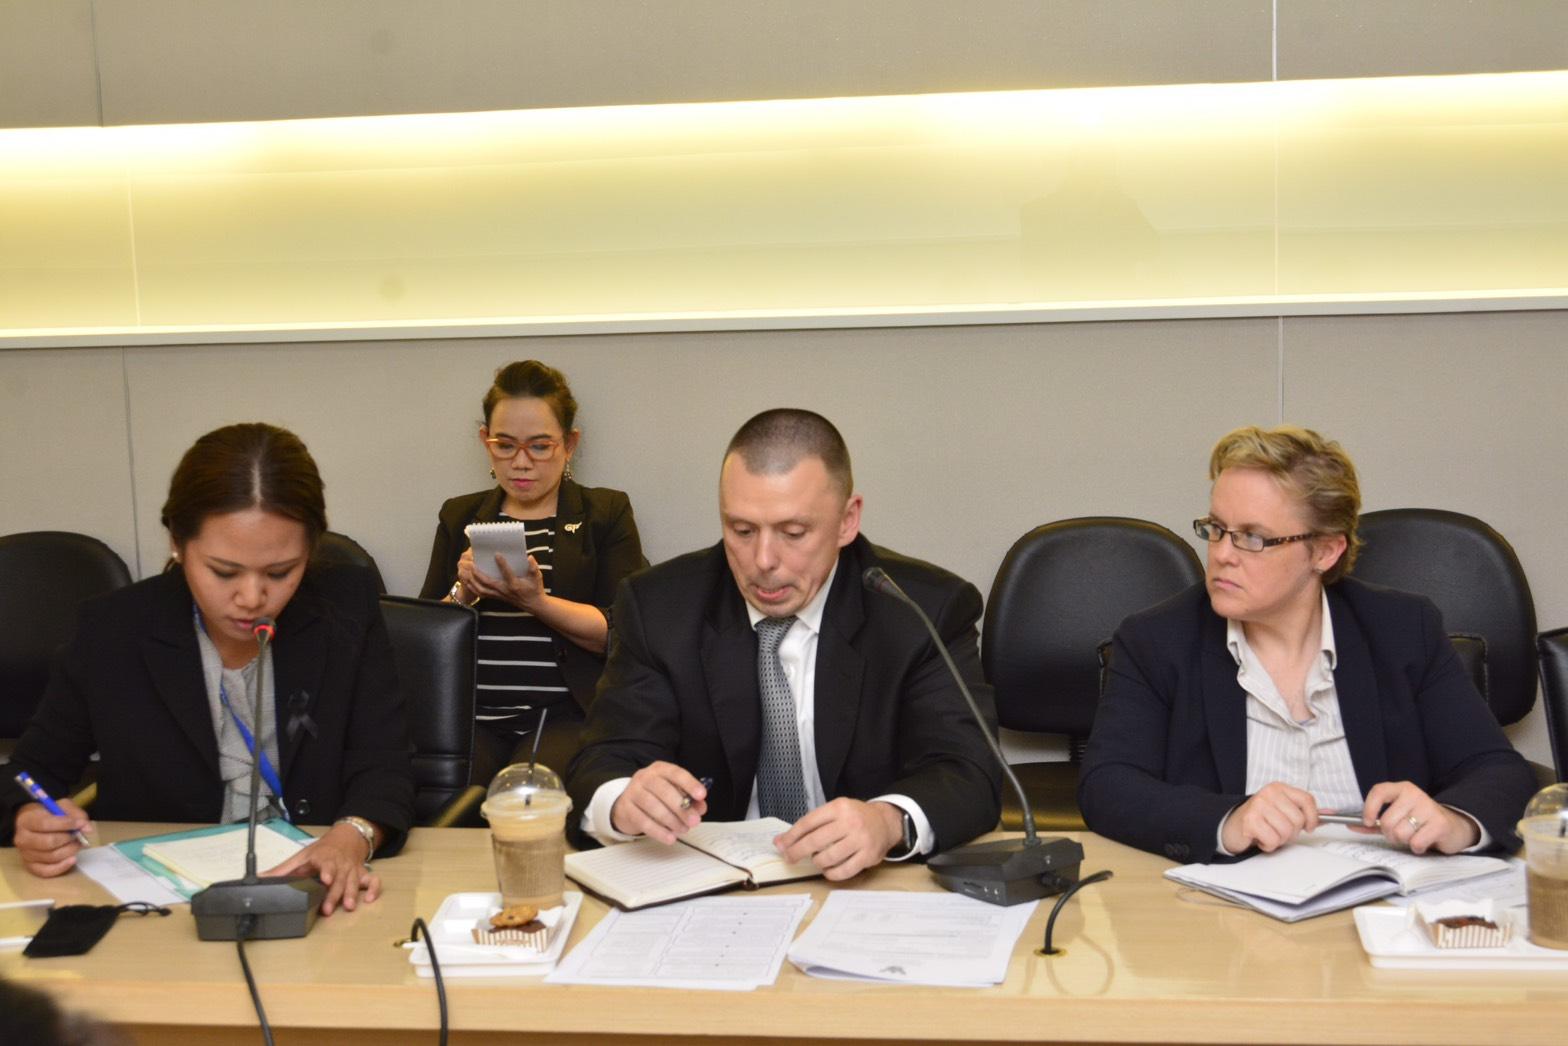 นายวรานนท์ ปีติวรรณ อธิบดีกรมการจัดหางาน หารือร่วมกับองค์การระหว่างประเทศเพื่อการโยกย้ายถิ่นฐาน (International Organization for Migration : IOM) เกี่ยวกับแนวทางการจัดส่งแรงงานแบบ G to G ณ หัองประชุมตรีเทพ 2 ชั้น 14 กรมการจัดหางาน